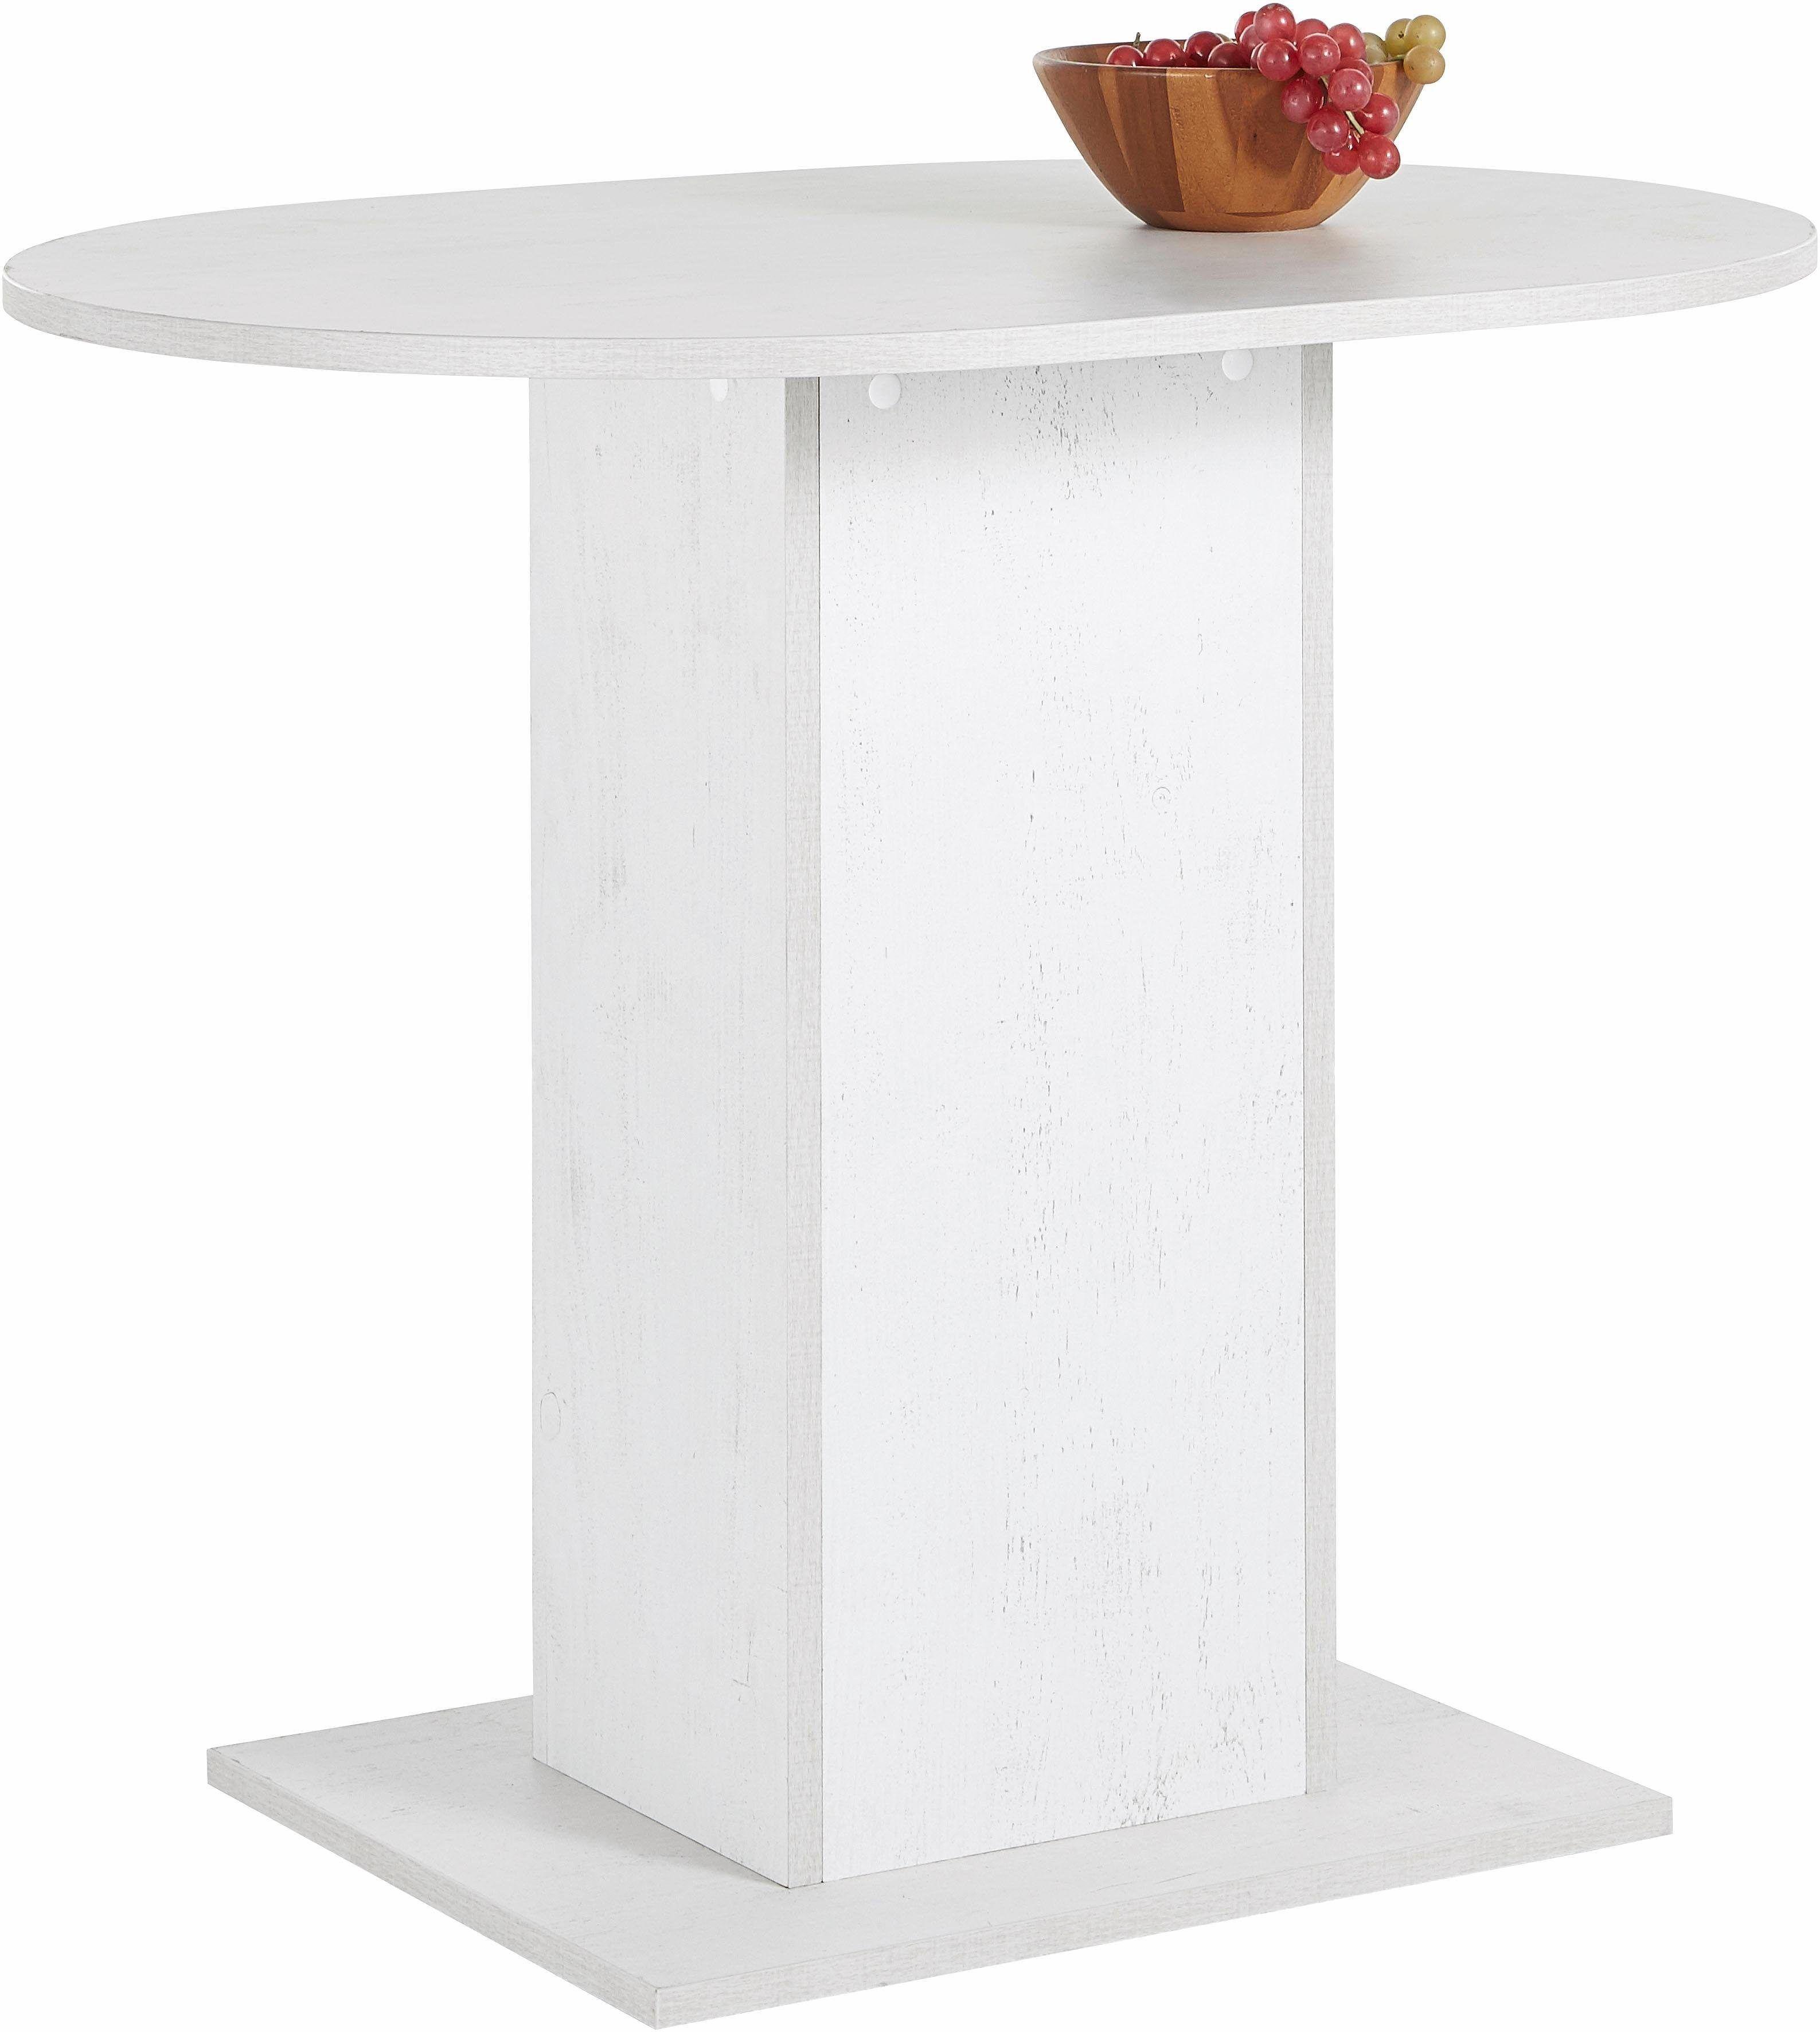 Verführerisch Säulen Esstisch Foto Von Säulen-esstisch »apollon 2Â« Weiß, Pflegeleichte Oberfläche, Fsc®-zertifiziert,